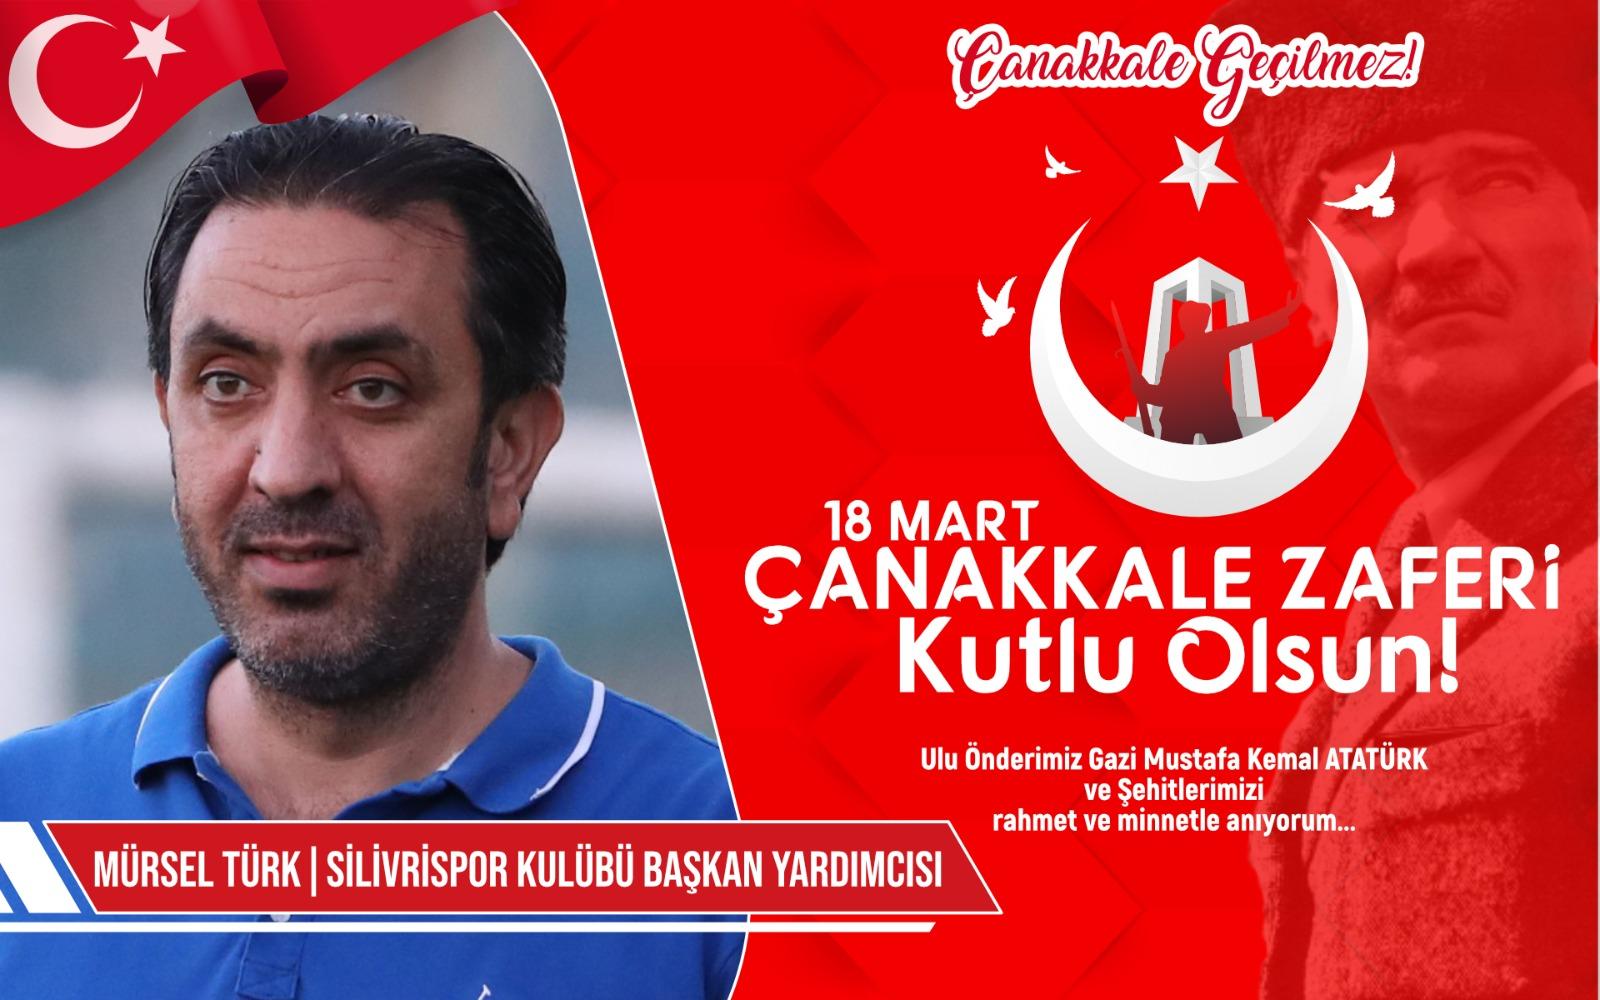 Silivrispor Başkan Yardımcısı Mürsel Türk'ten Kutlama ve Anma mesajı